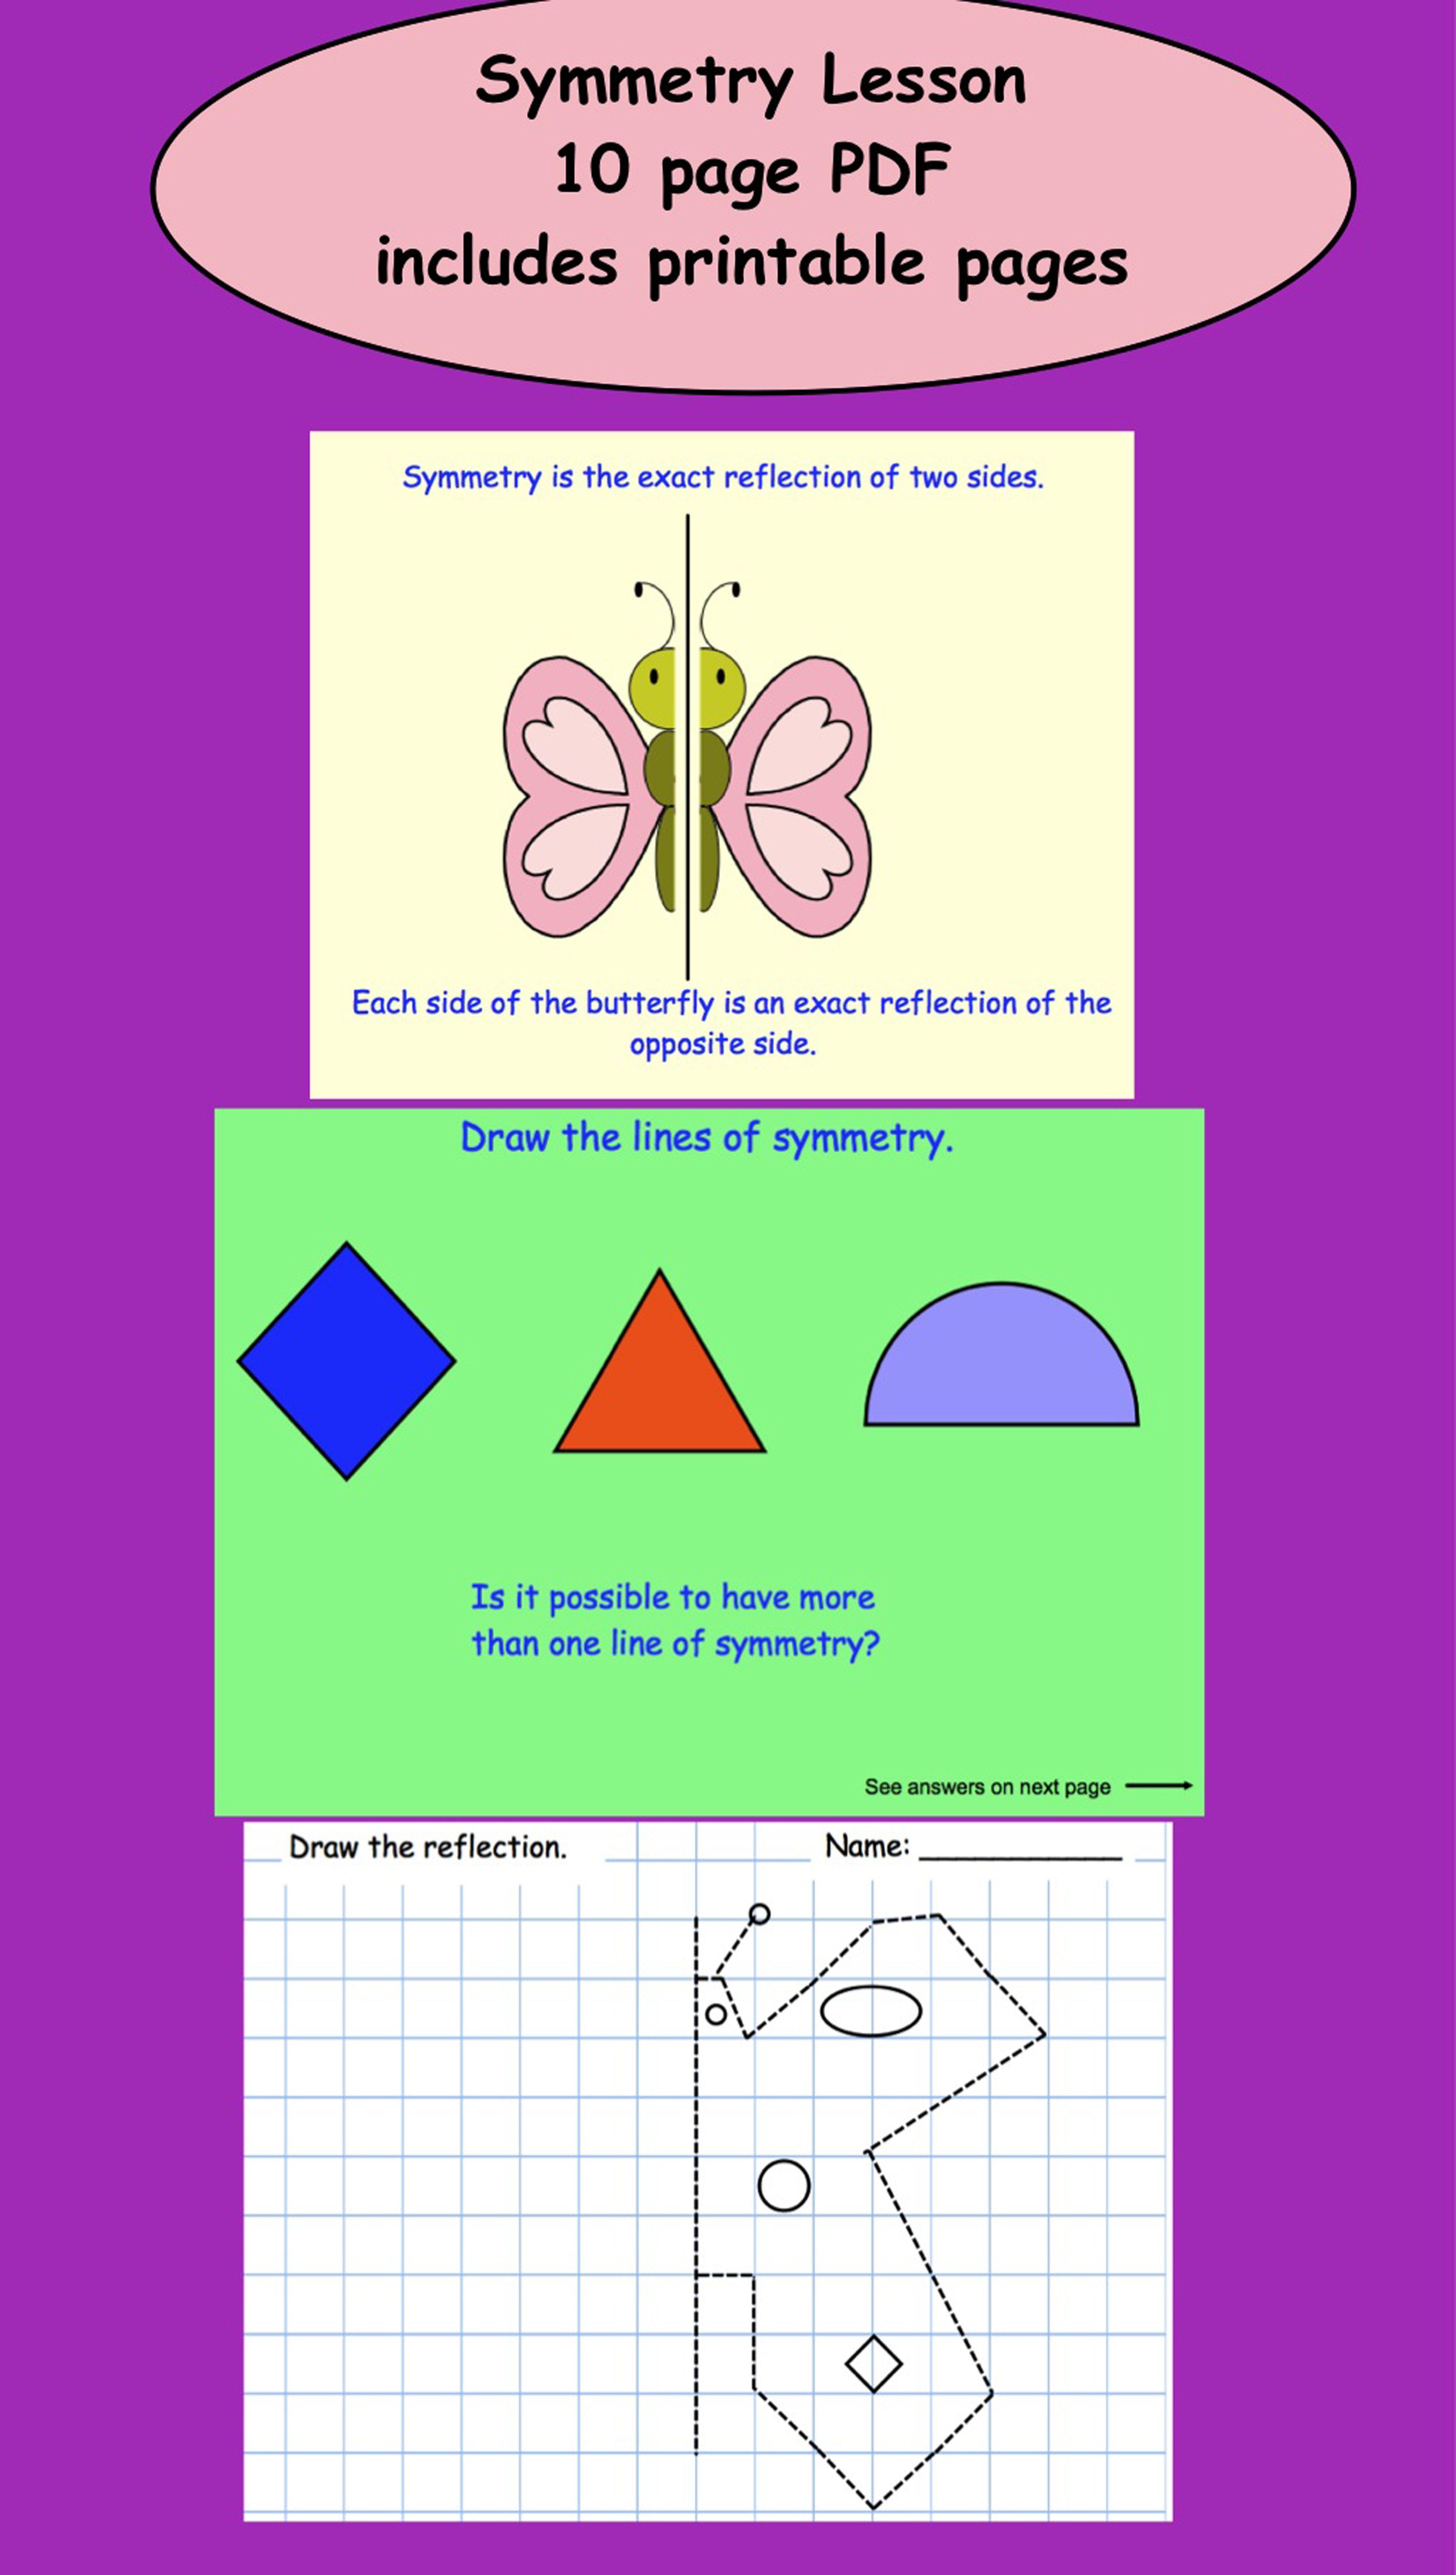 Symmetry Lesson (PDF) 10 pages [ 6190 x 3500 Pixel ]